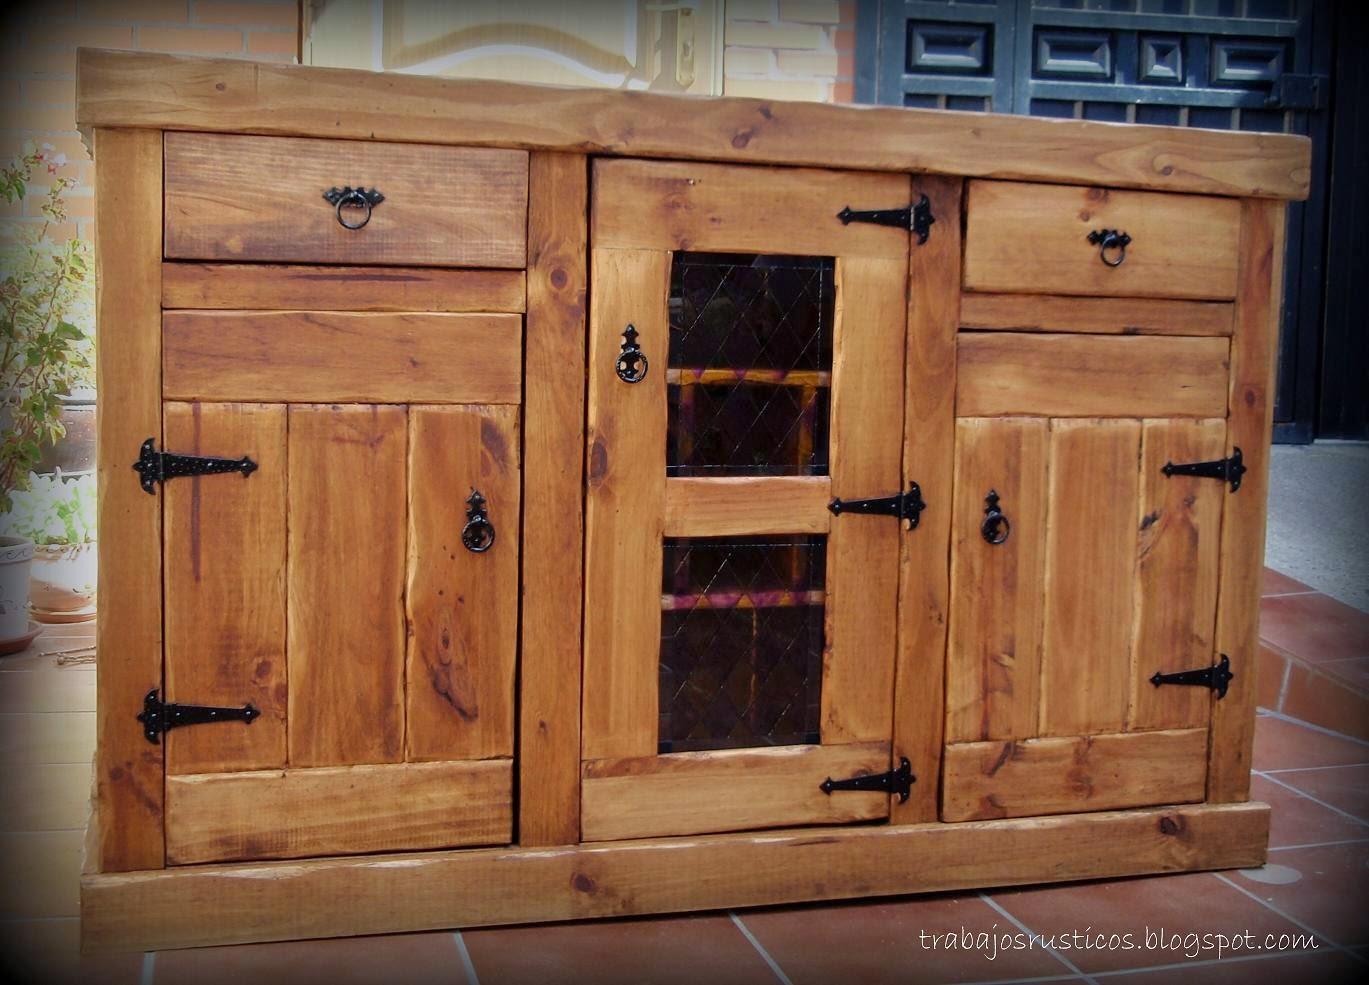 Trabajos r sticos despensa aparador cocina for Muebles de cocina despensa